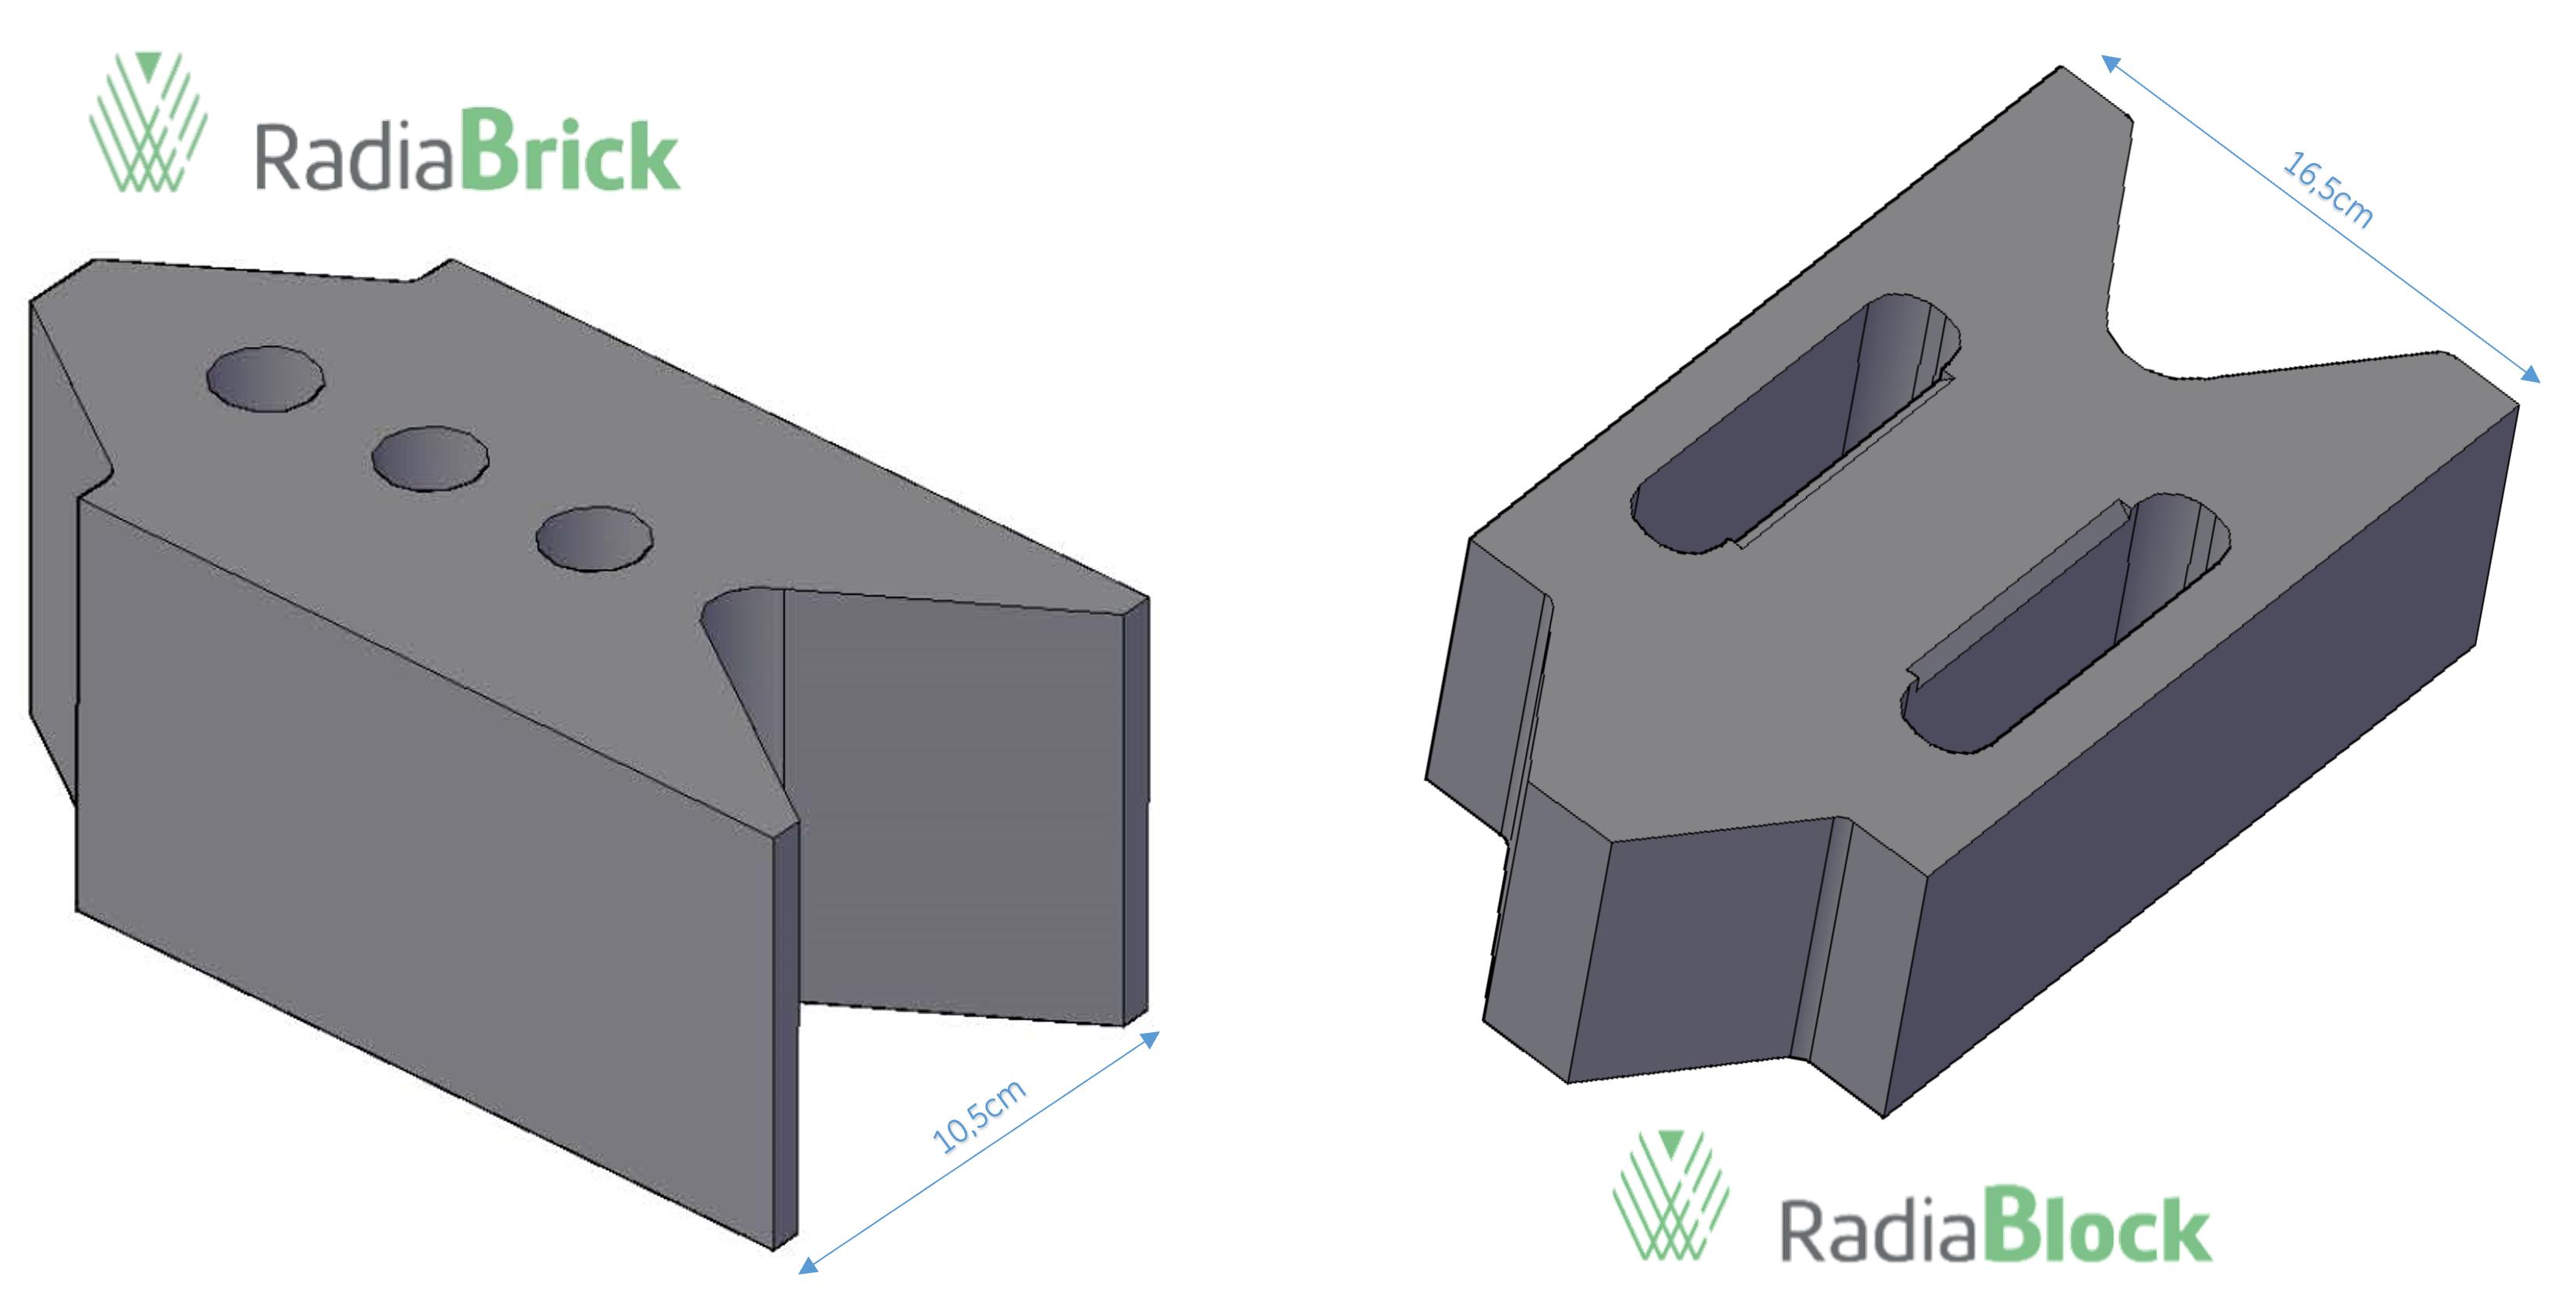 Modelos de bloques de barita